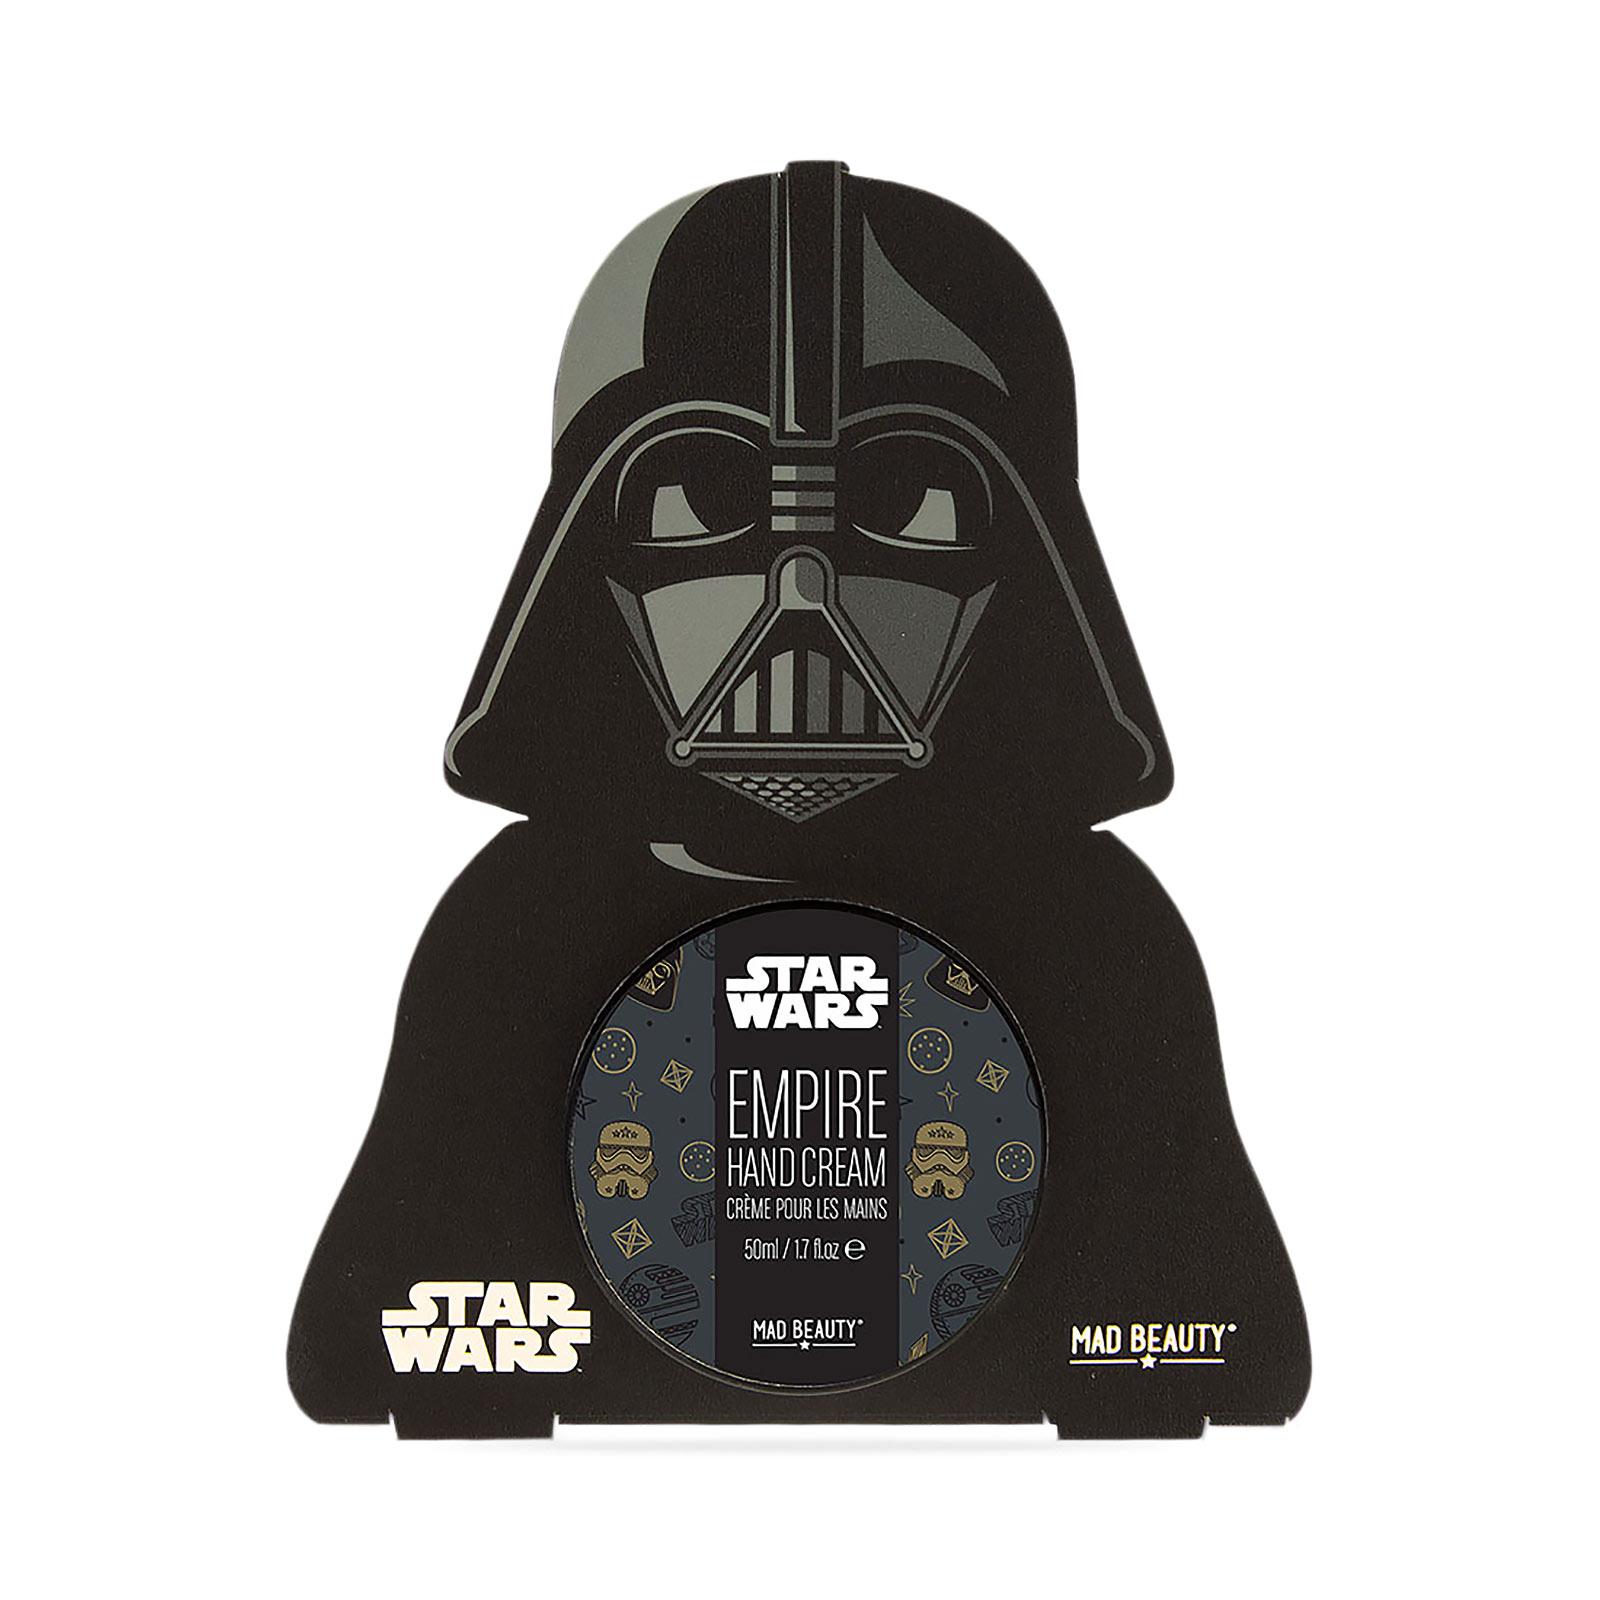 Star Wars - Darth Vader Handbalsam